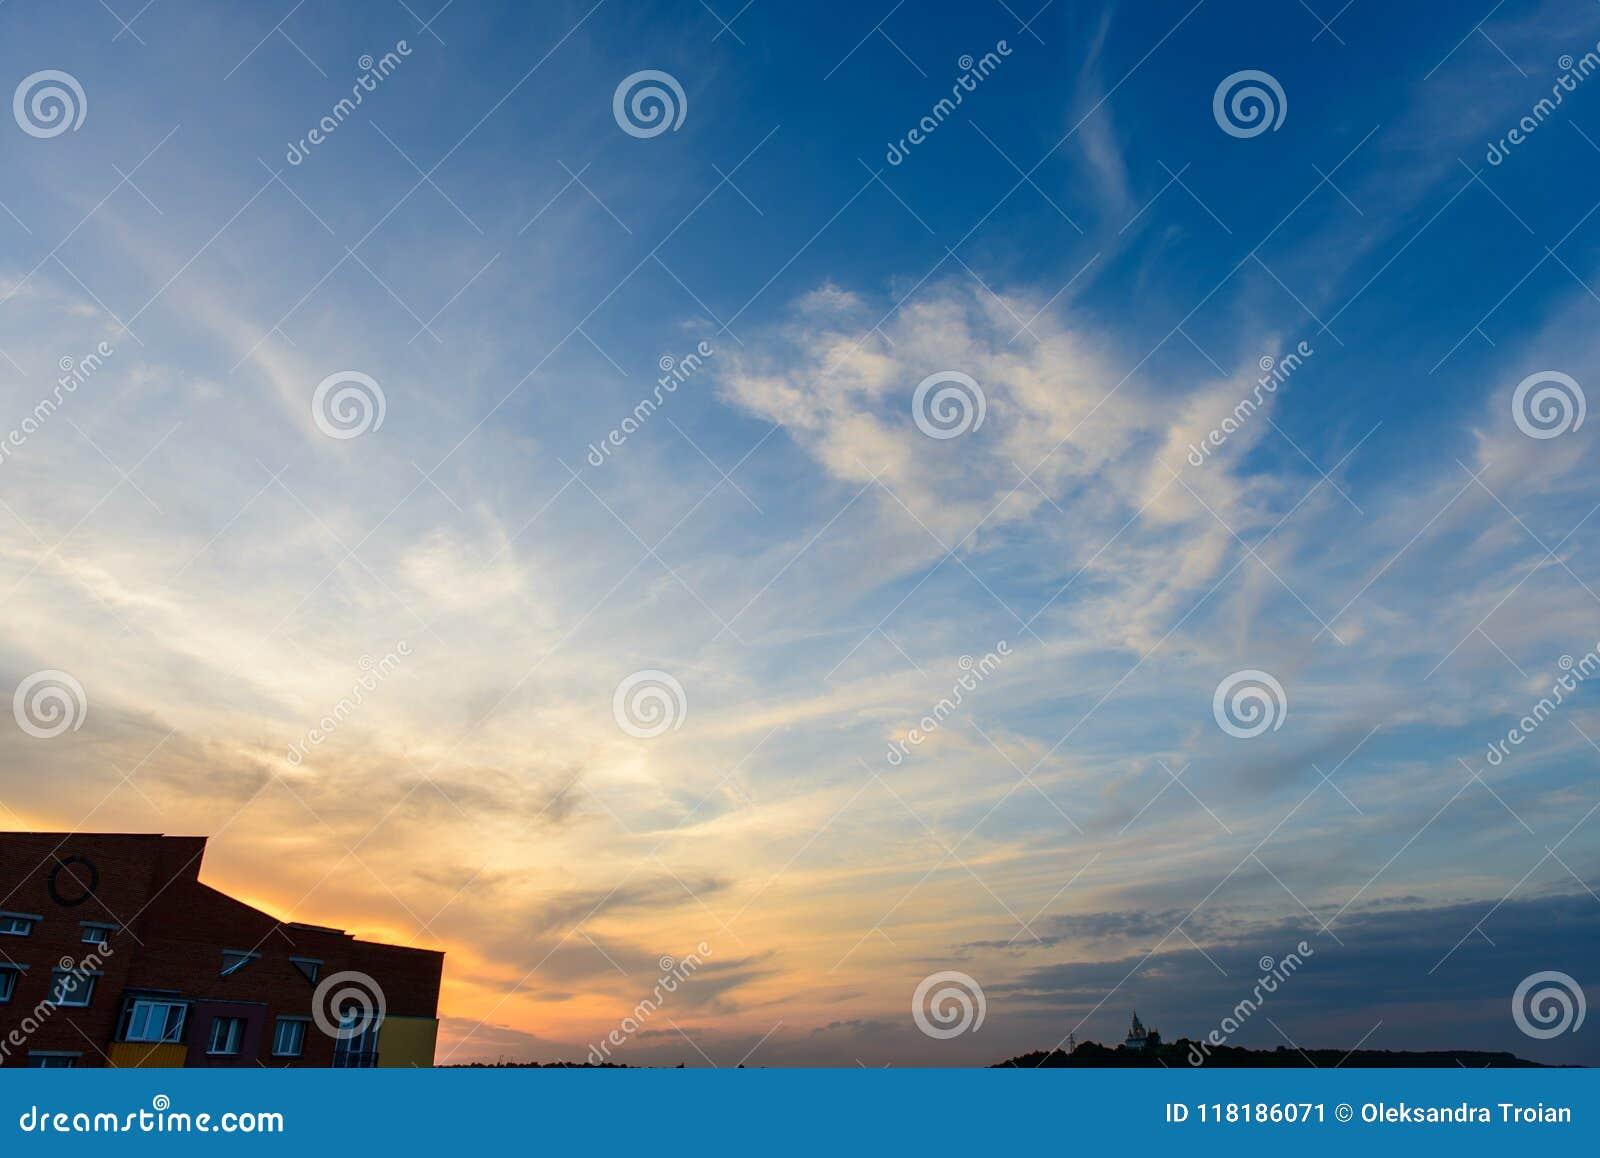 Apartamentos vivos del paisaje de ladrillo del edificio de la puesta del sol mínima urbana mínima del cielo